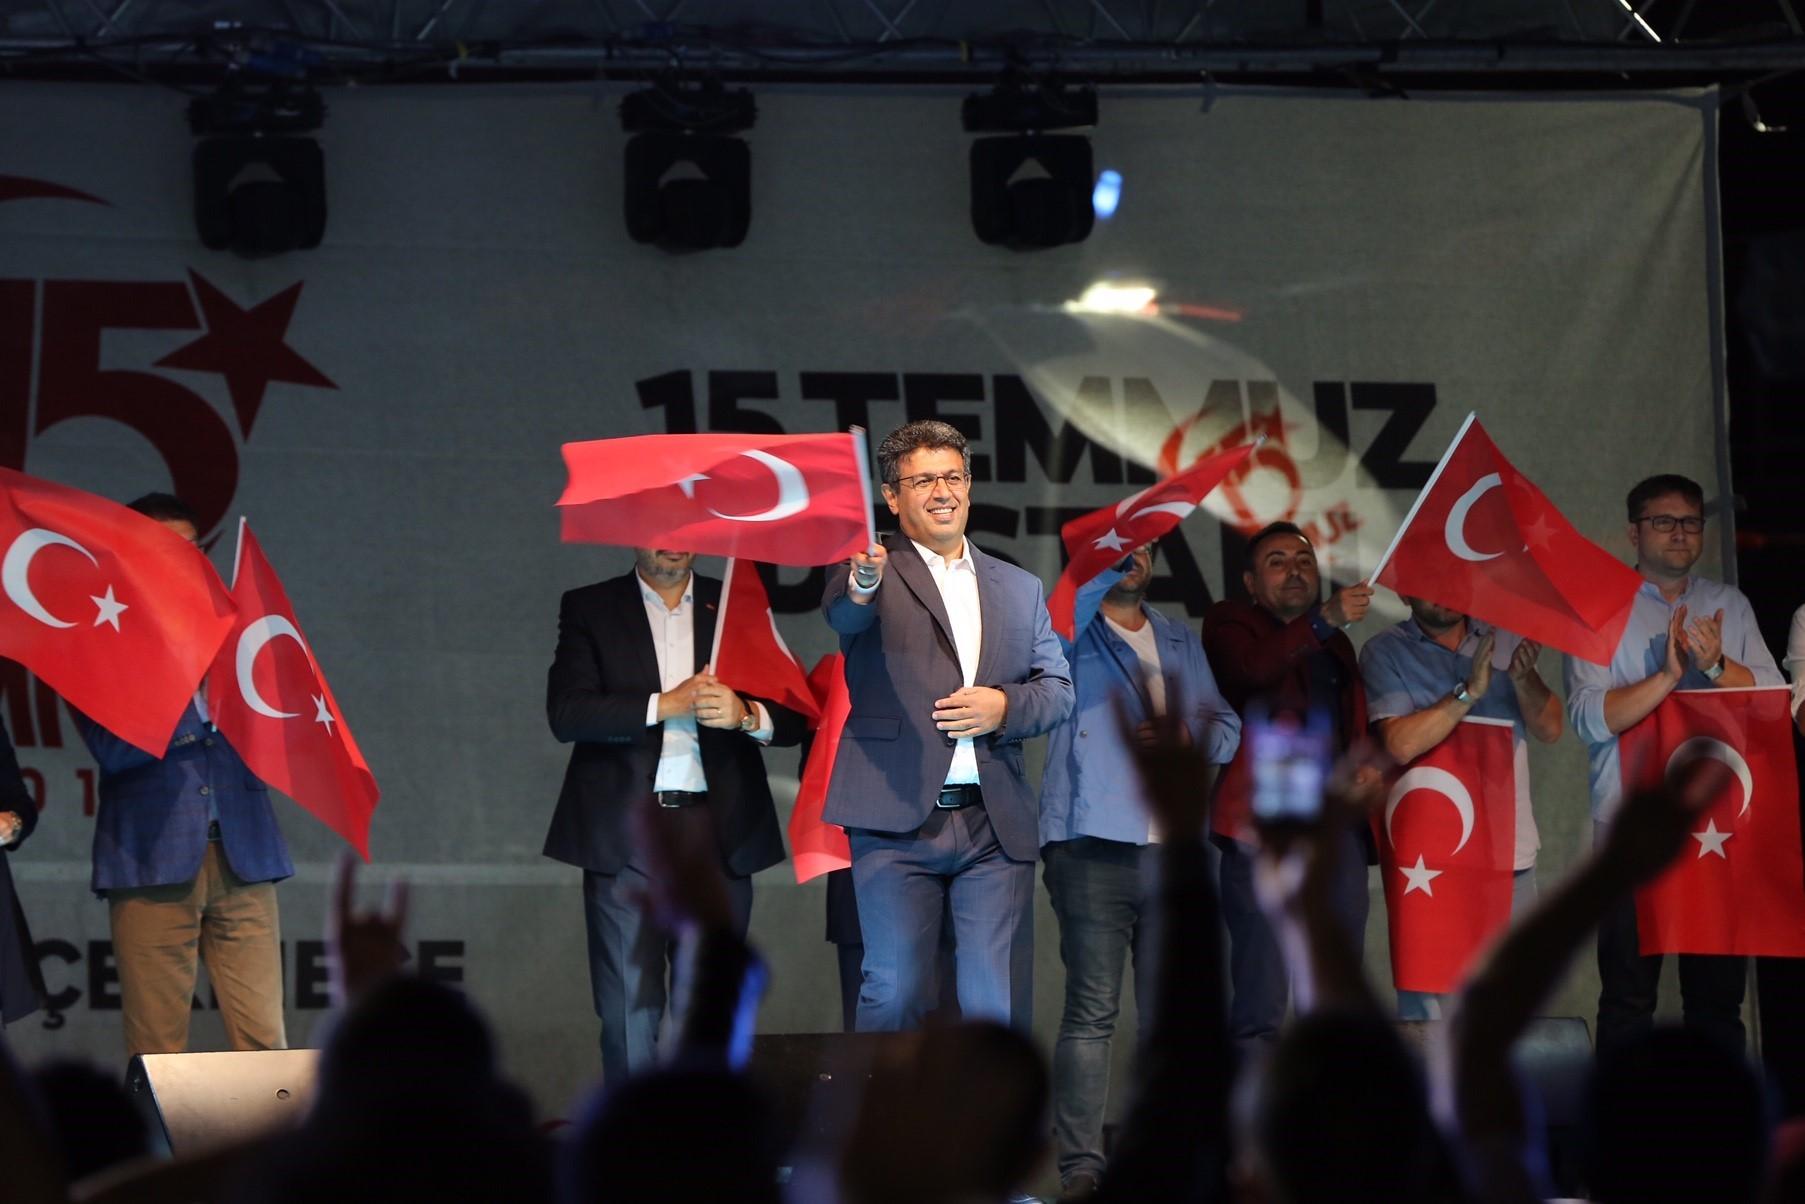 KÜÇÜKÇEKMECE'DE ONBİNLERCE KİŞİ DEMOKRASİ NÖBETLERİNDE BULUŞTU